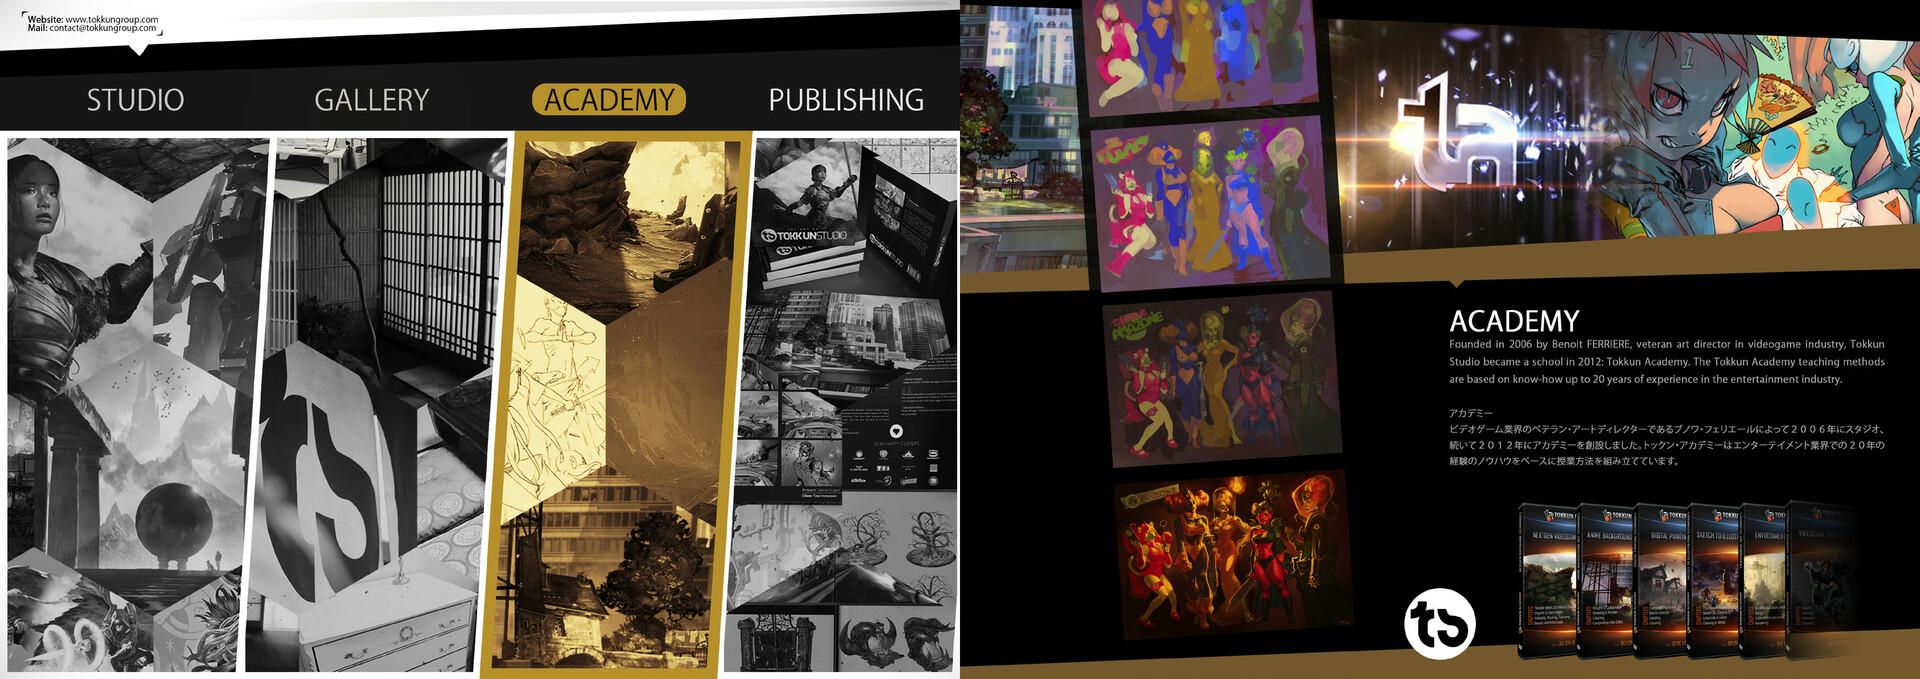 Tokkun studio pdf ts public2019 page 43